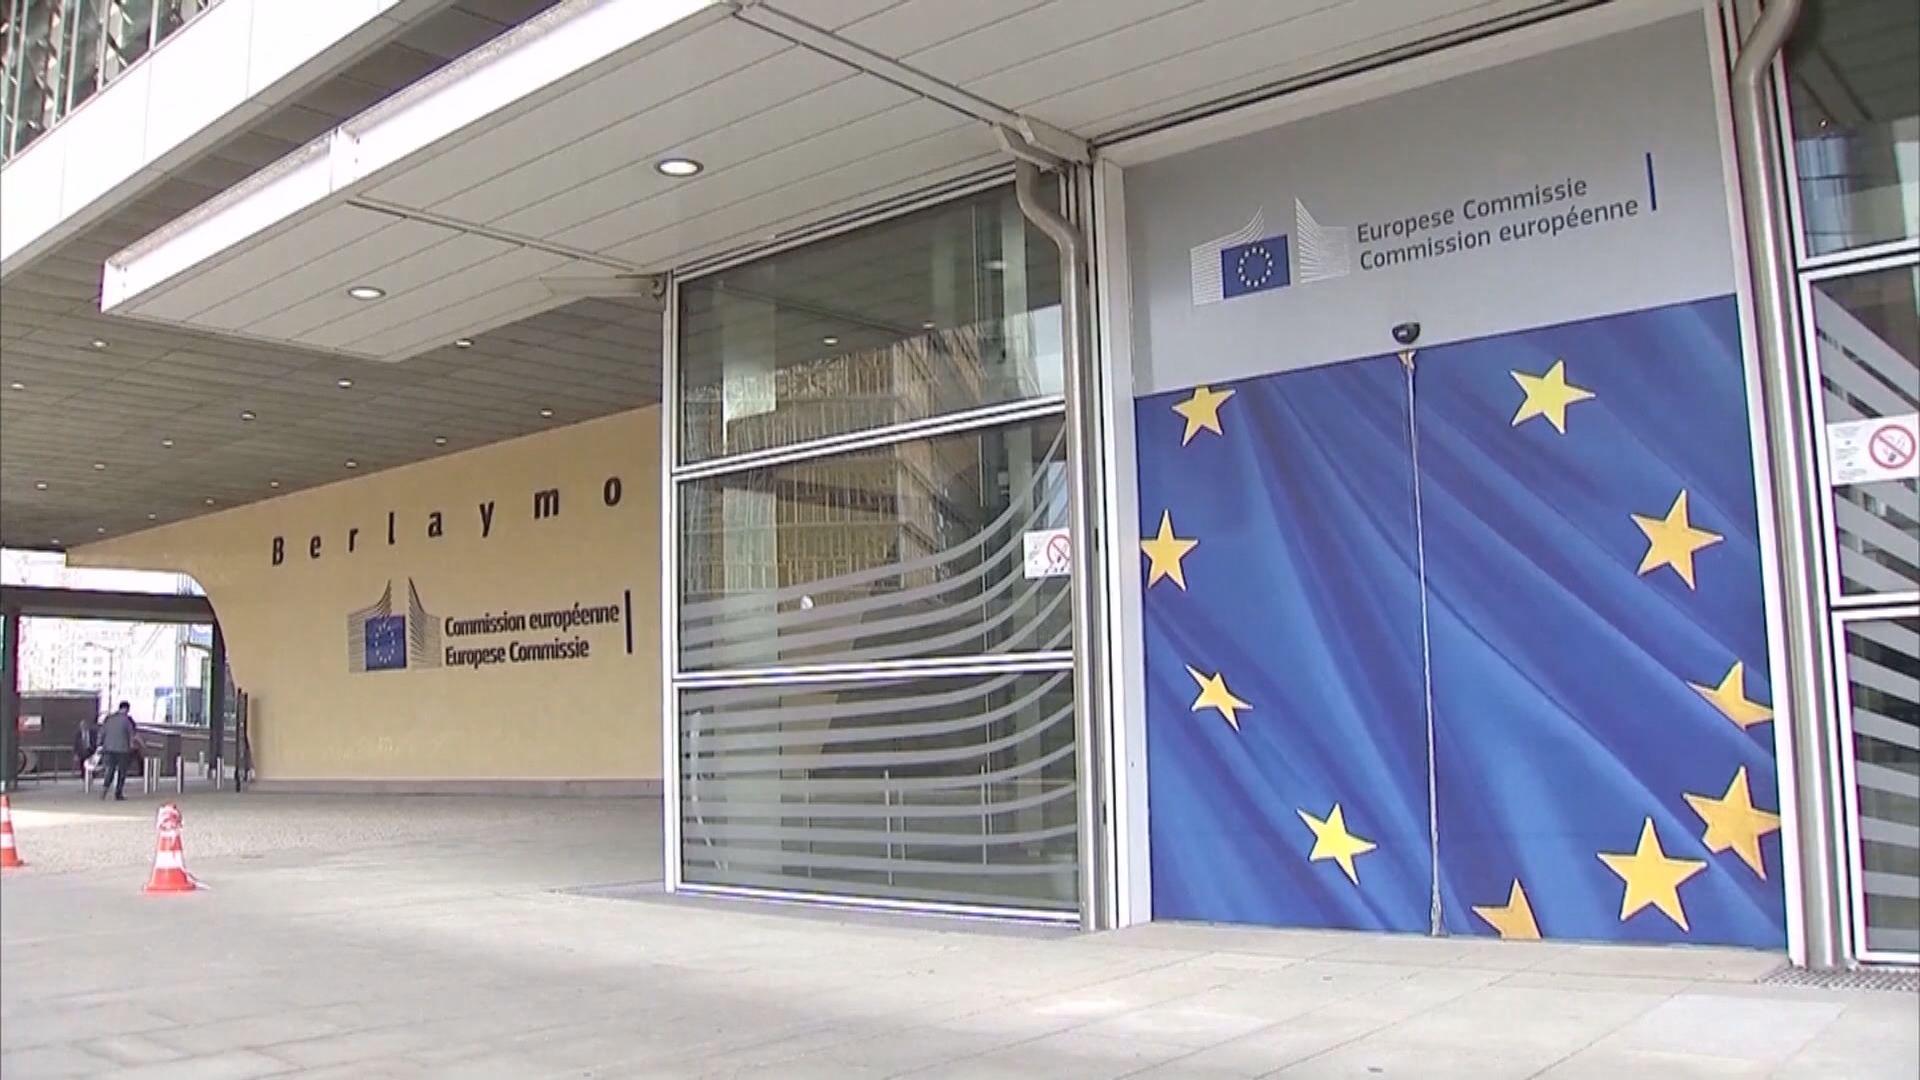 歐盟重申不修改英國脫歐協議